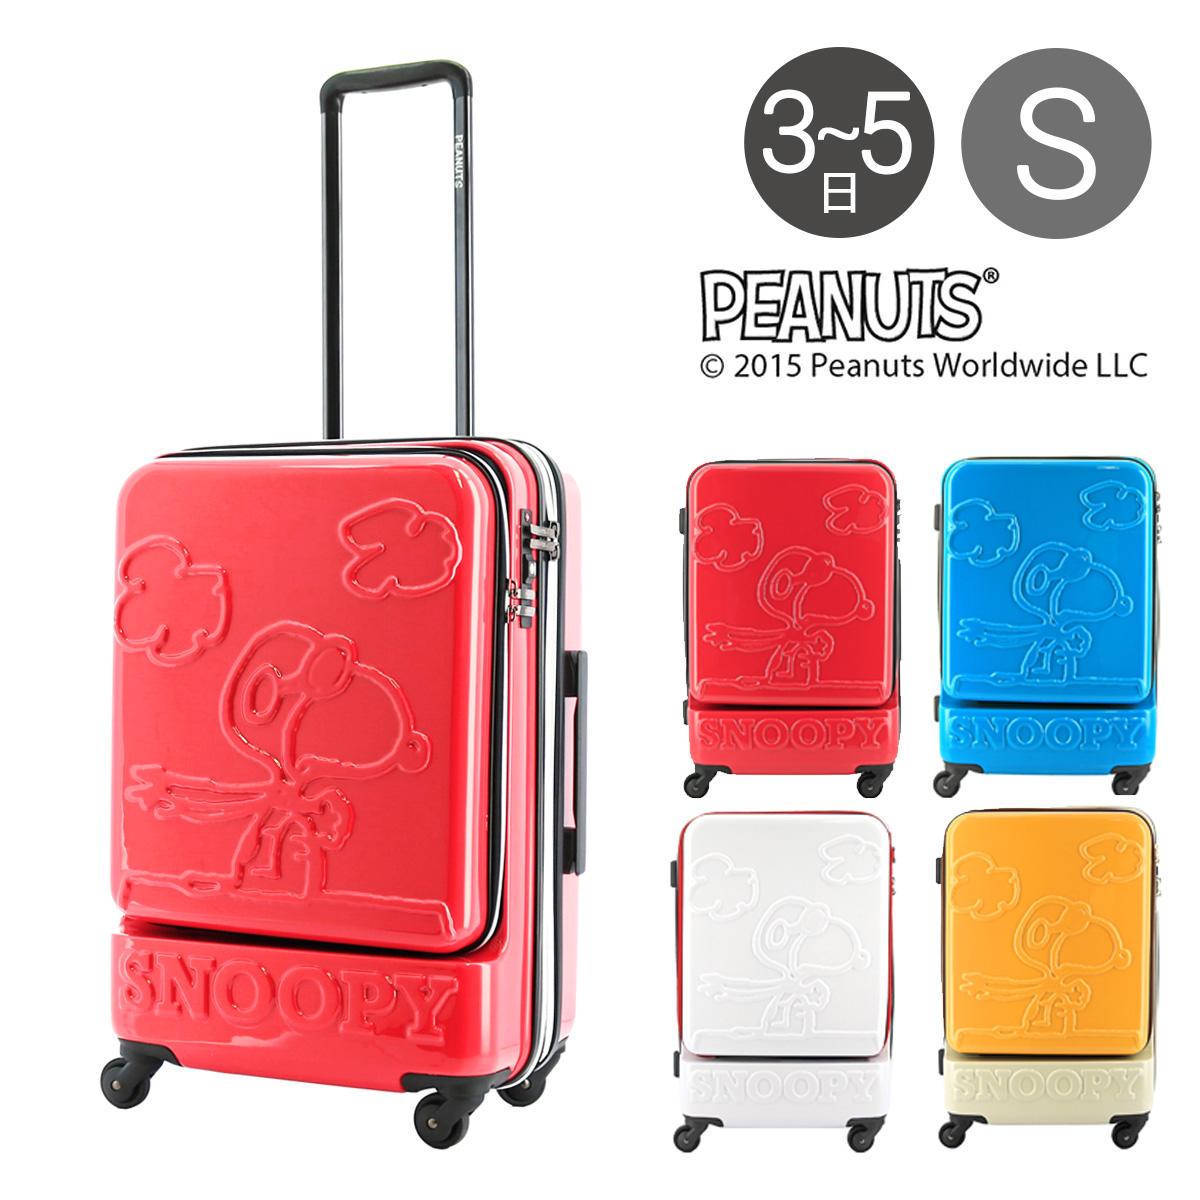 スヌーピー スーツケース かわいい 47L 55.5cm 4.3kg PN-015 拡張 フロントオープン 1年保証 ハード フレーム TSAロック搭載 キャラクター ピーナッツ [bef][PO10][即日発送]